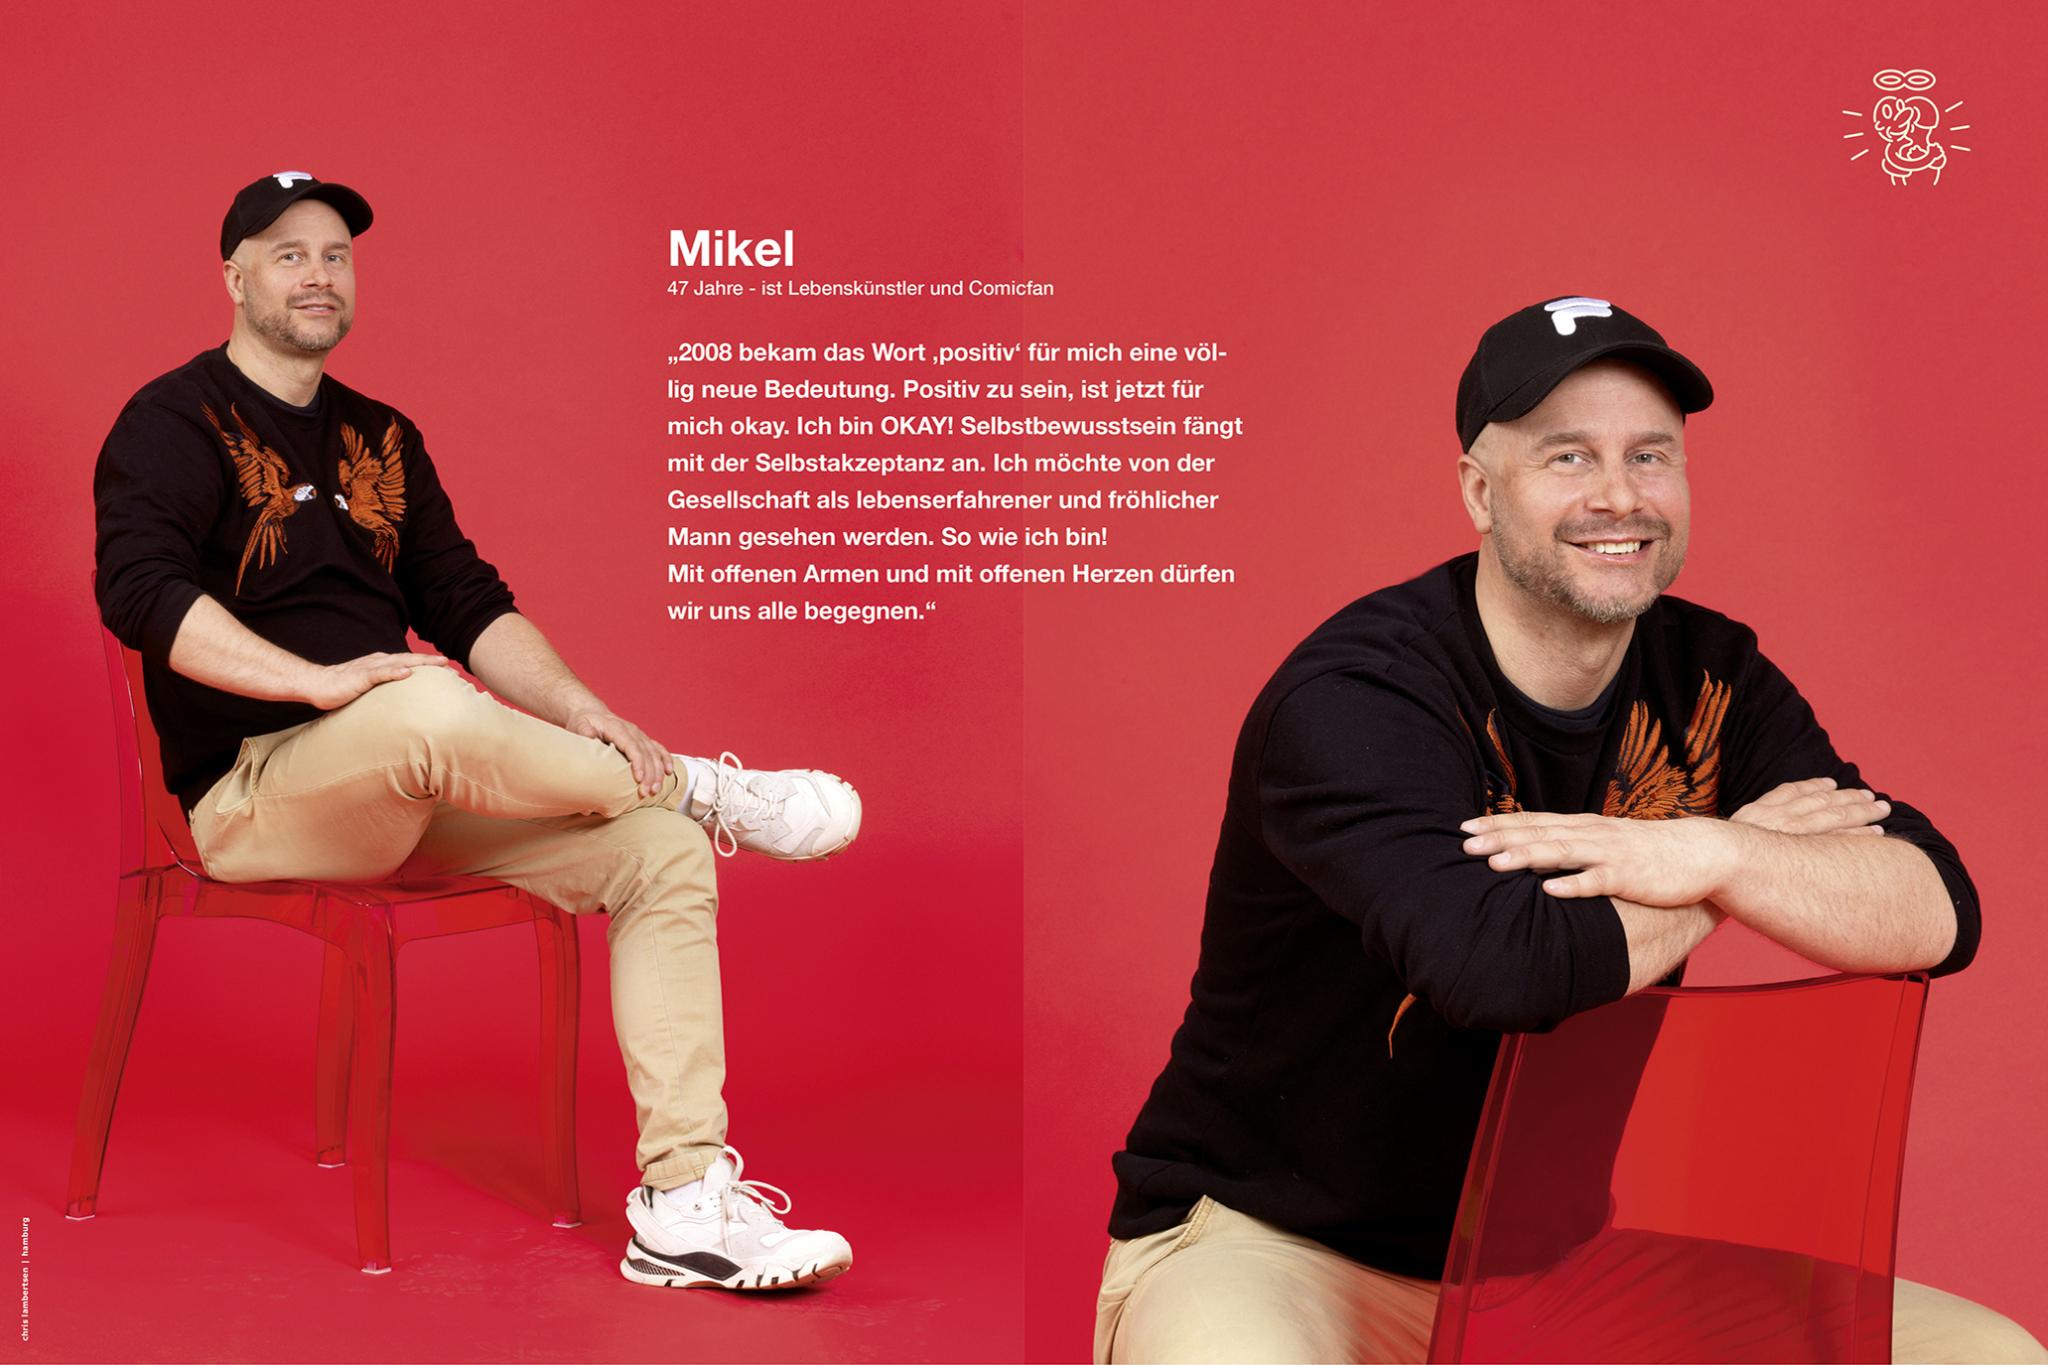 Mikel_Fotoausstellung soziale Nachhaltigkeit